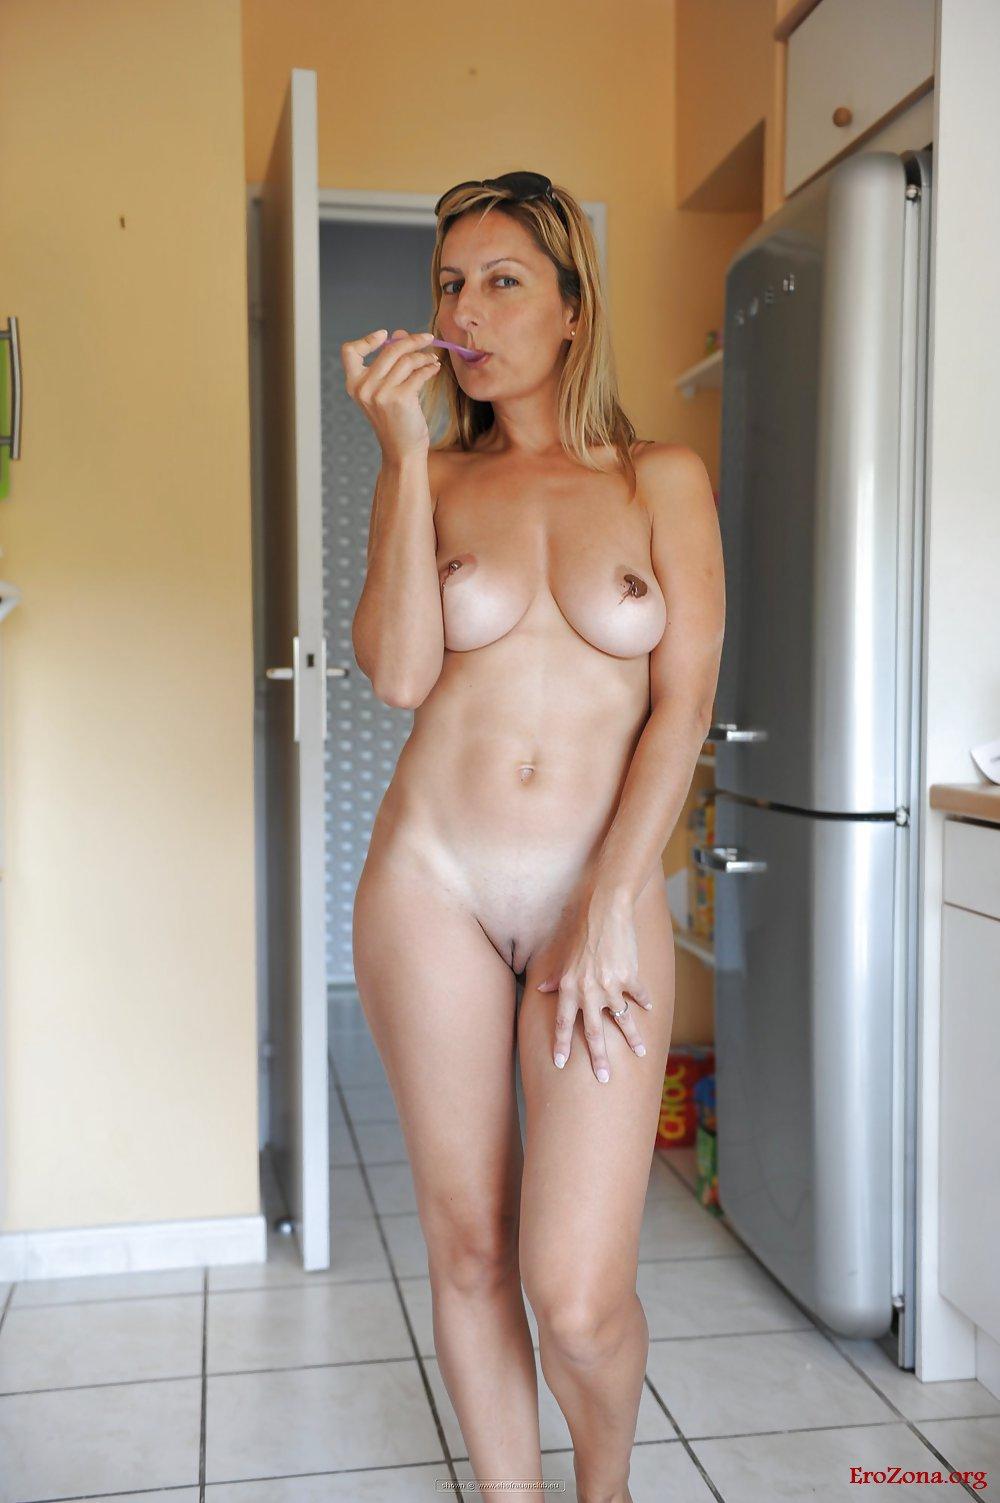 вопрос порно ролики женщины мучают в урину получается моему мнению правы